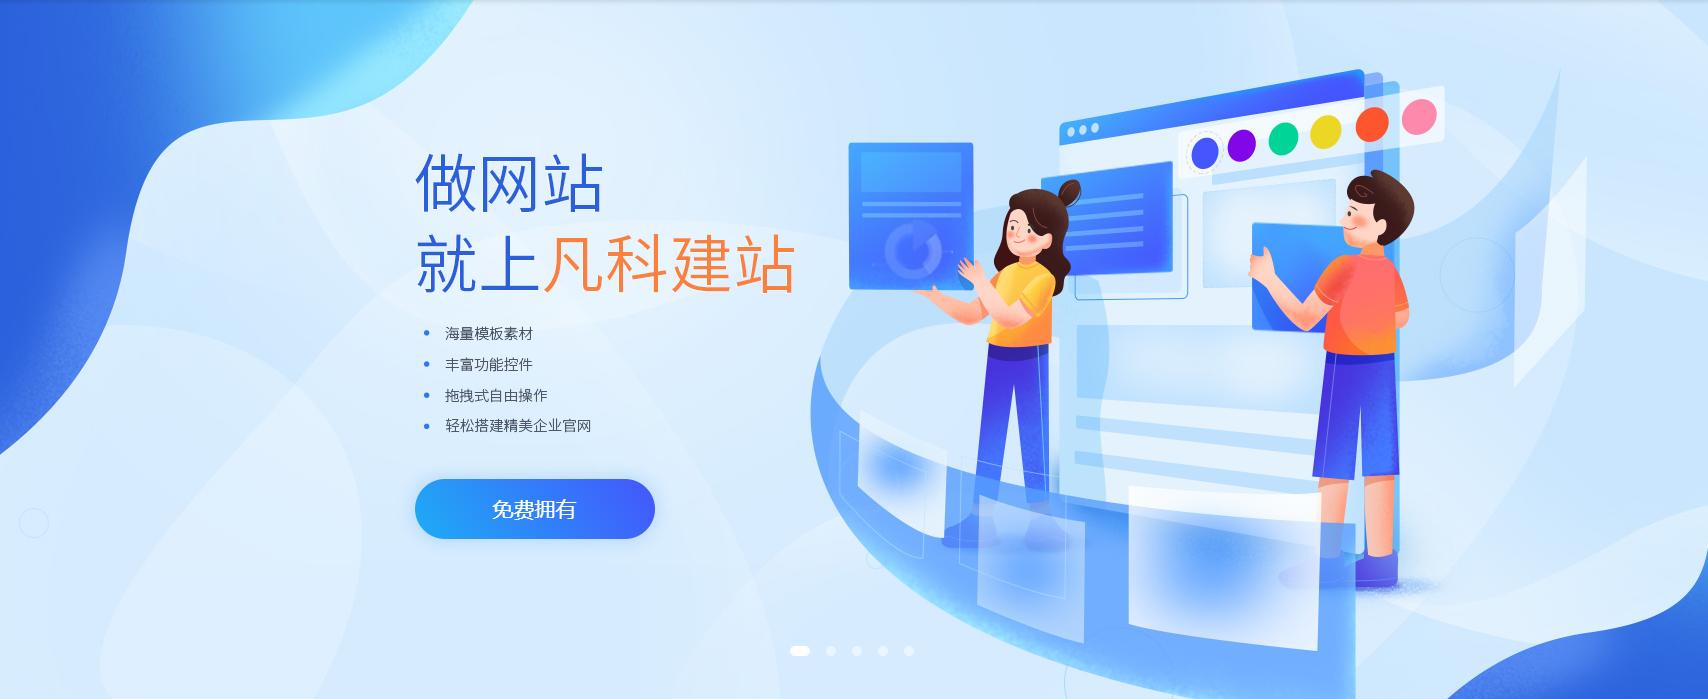 网站建设的交互设计